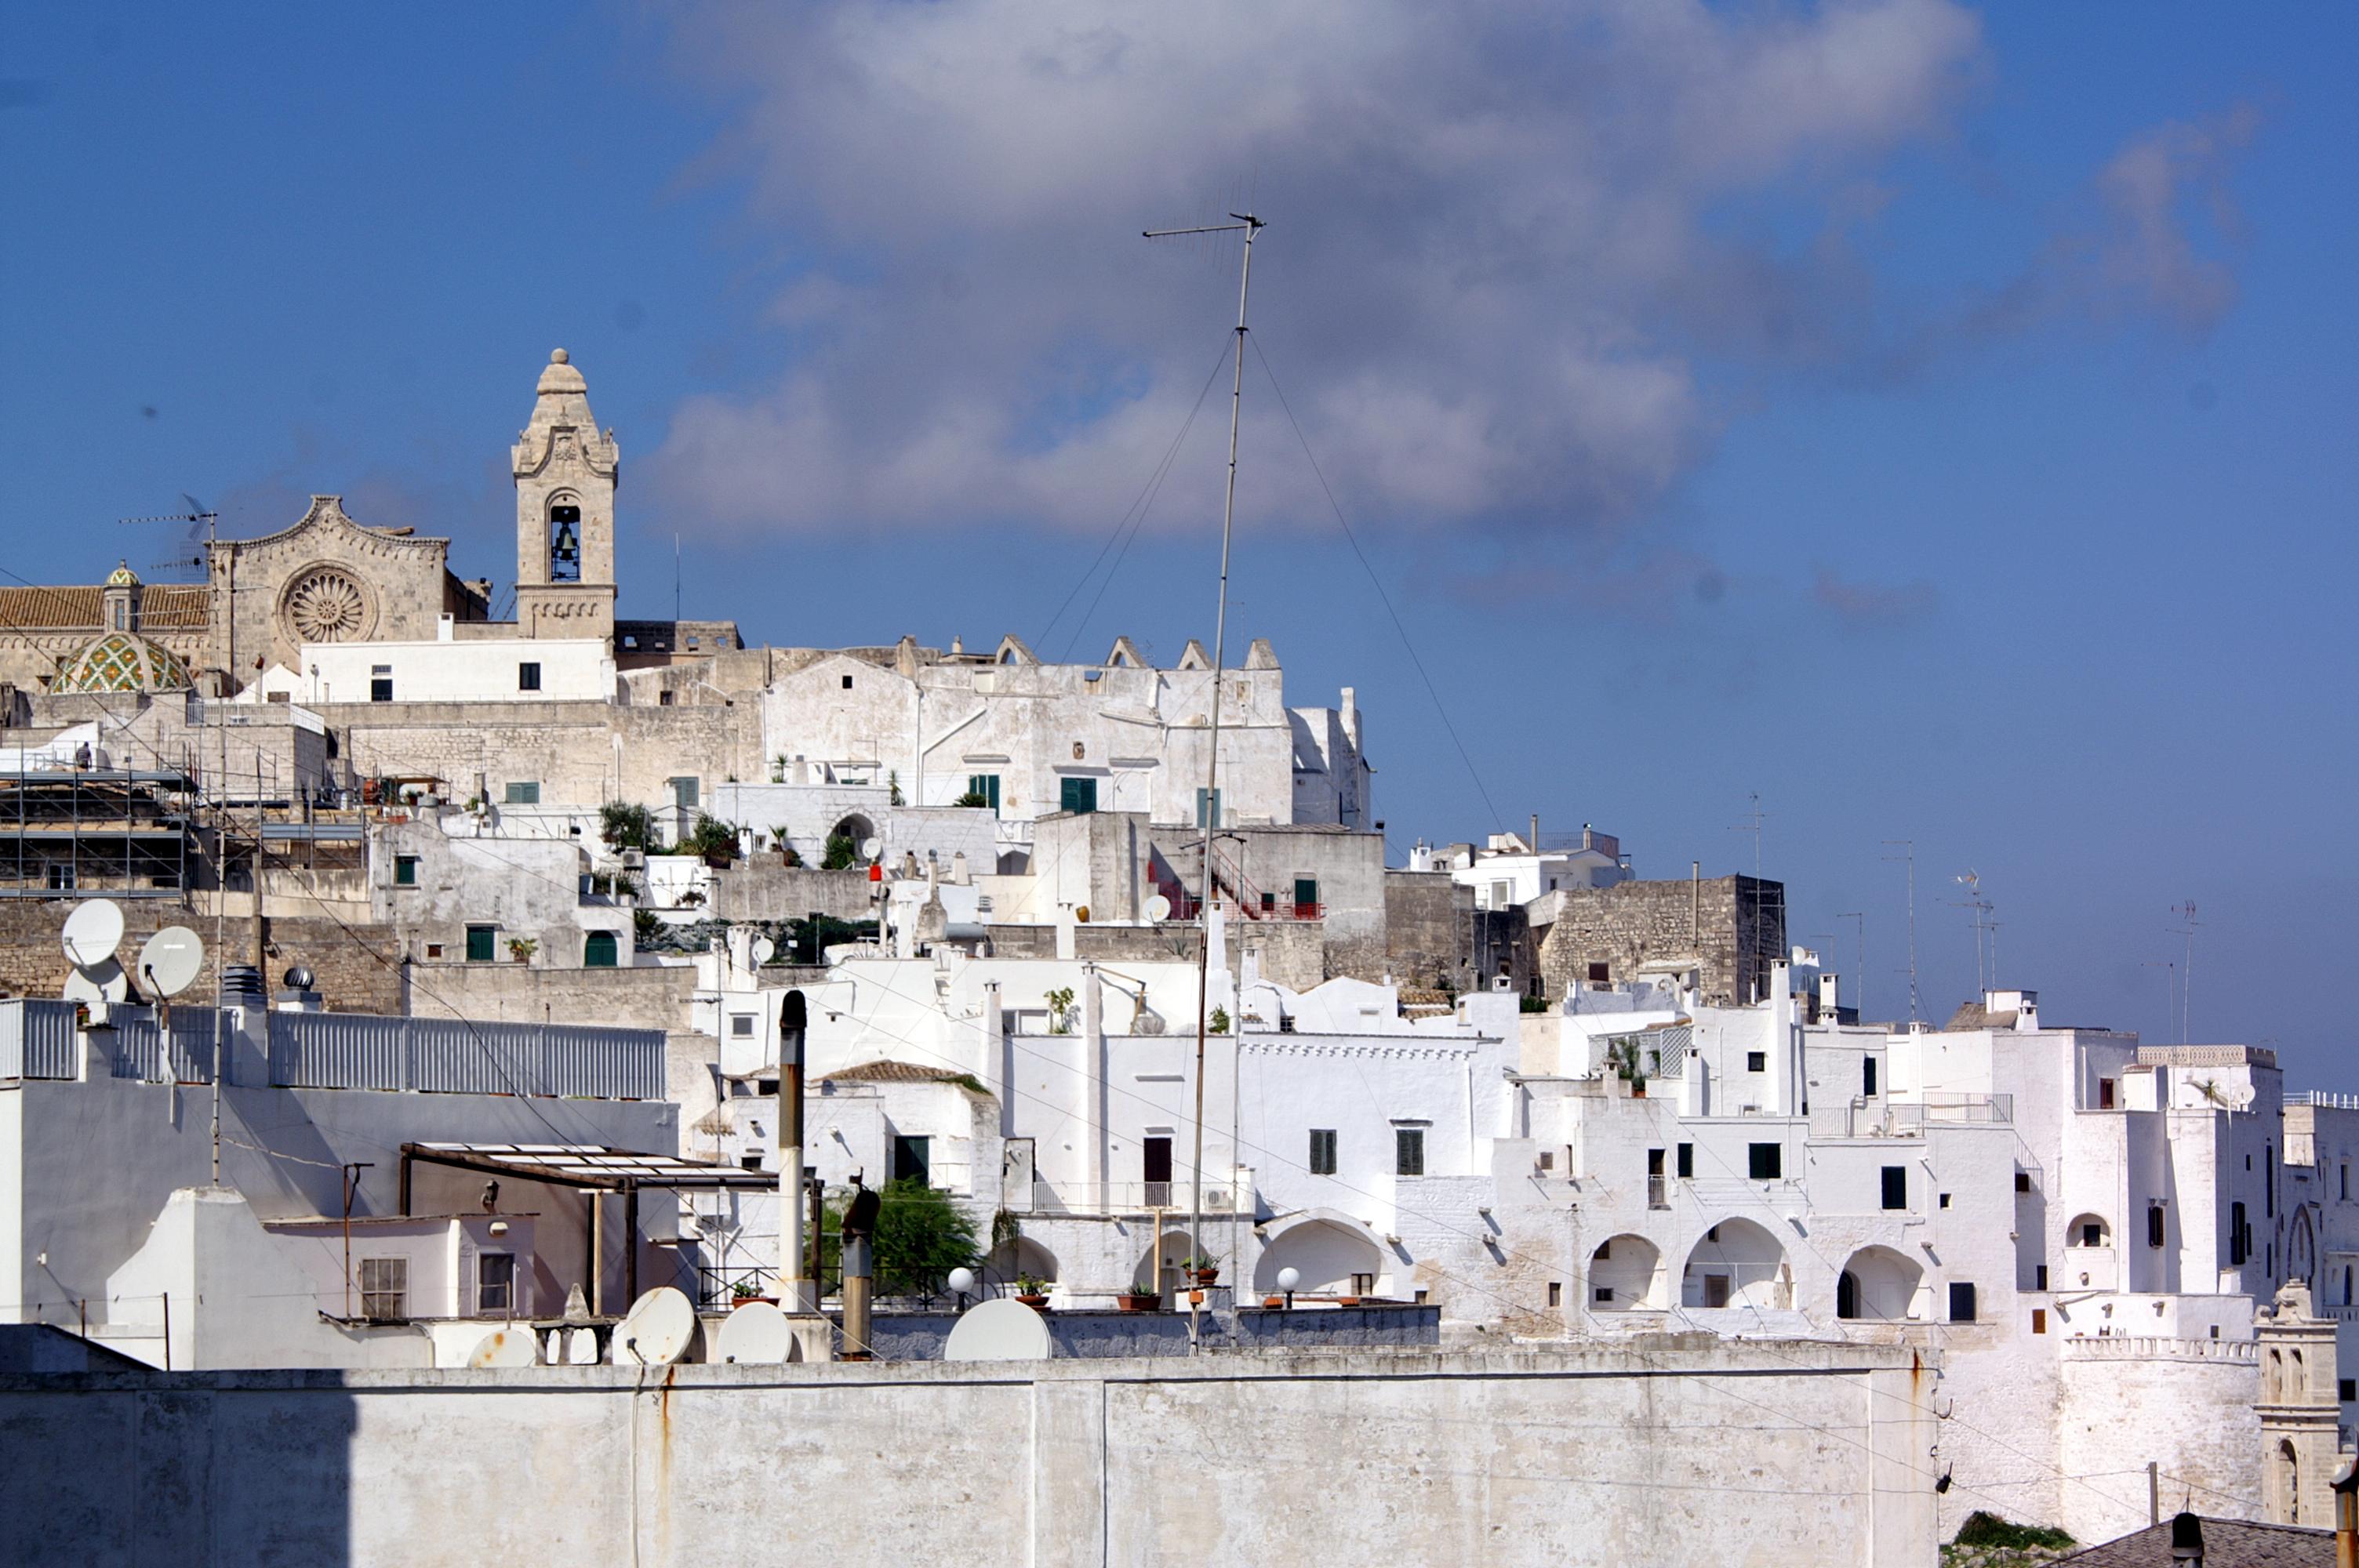 Ostuni - White City in Puglia, Italy